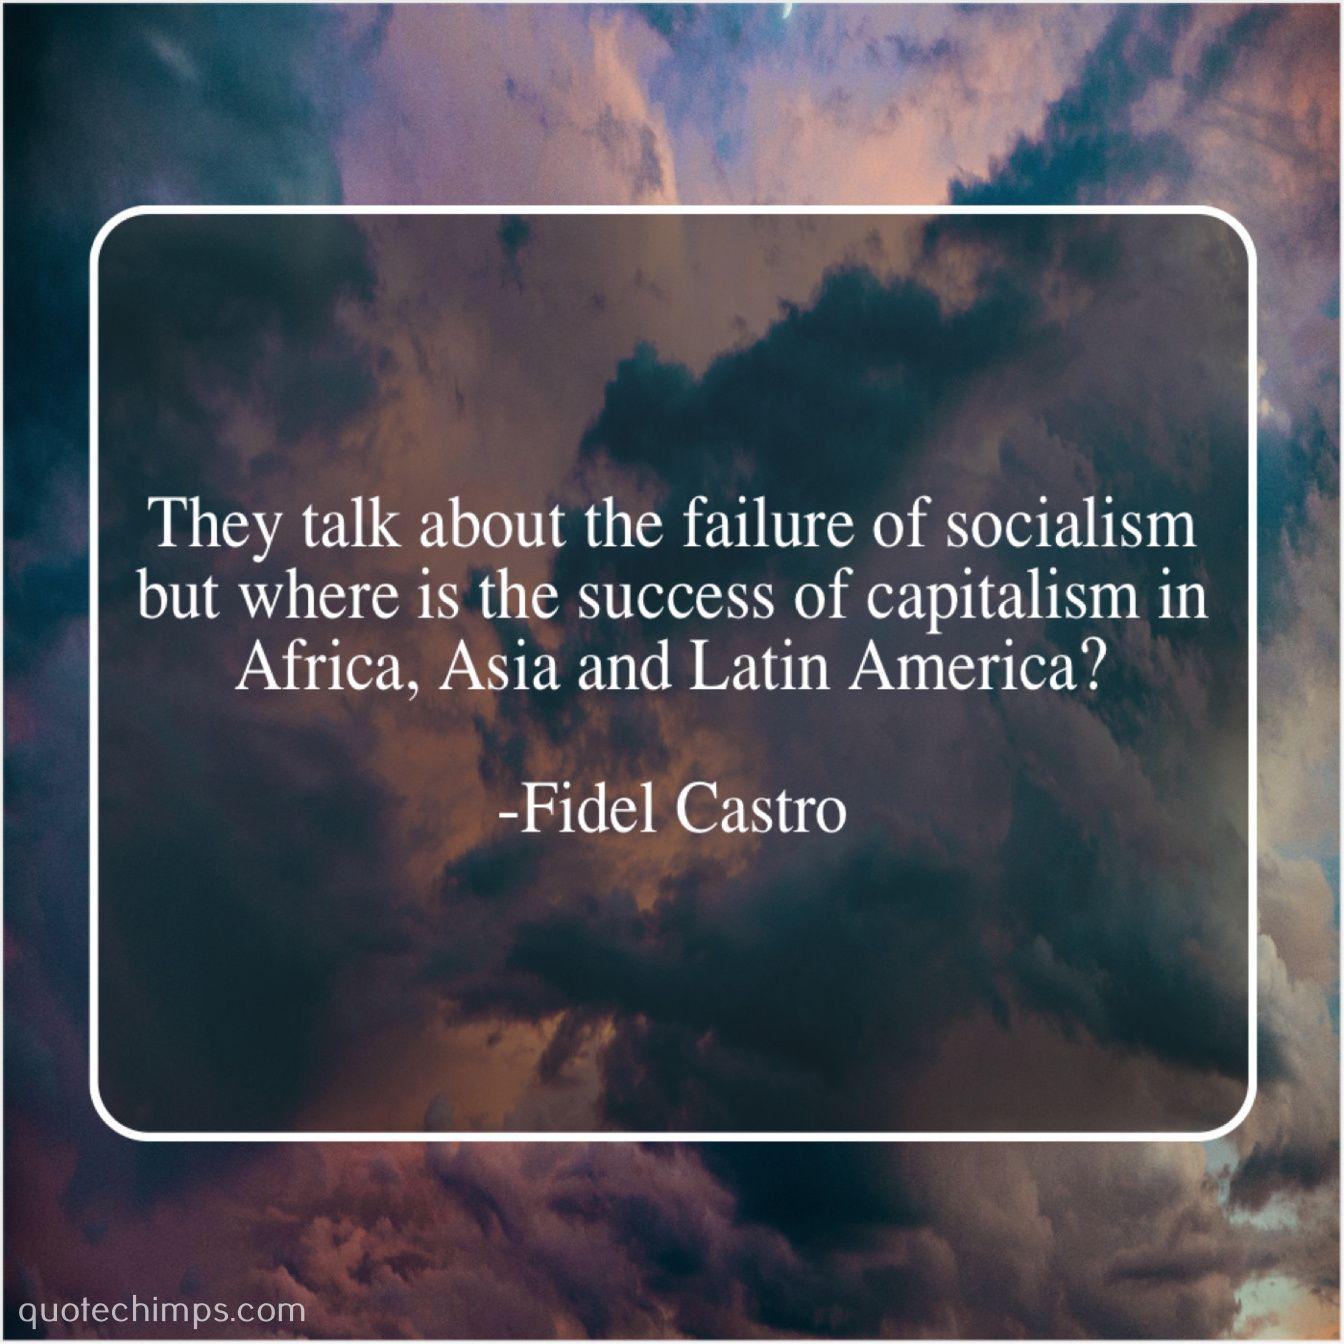 Fidel Castro They talk about the failure Albert einstein